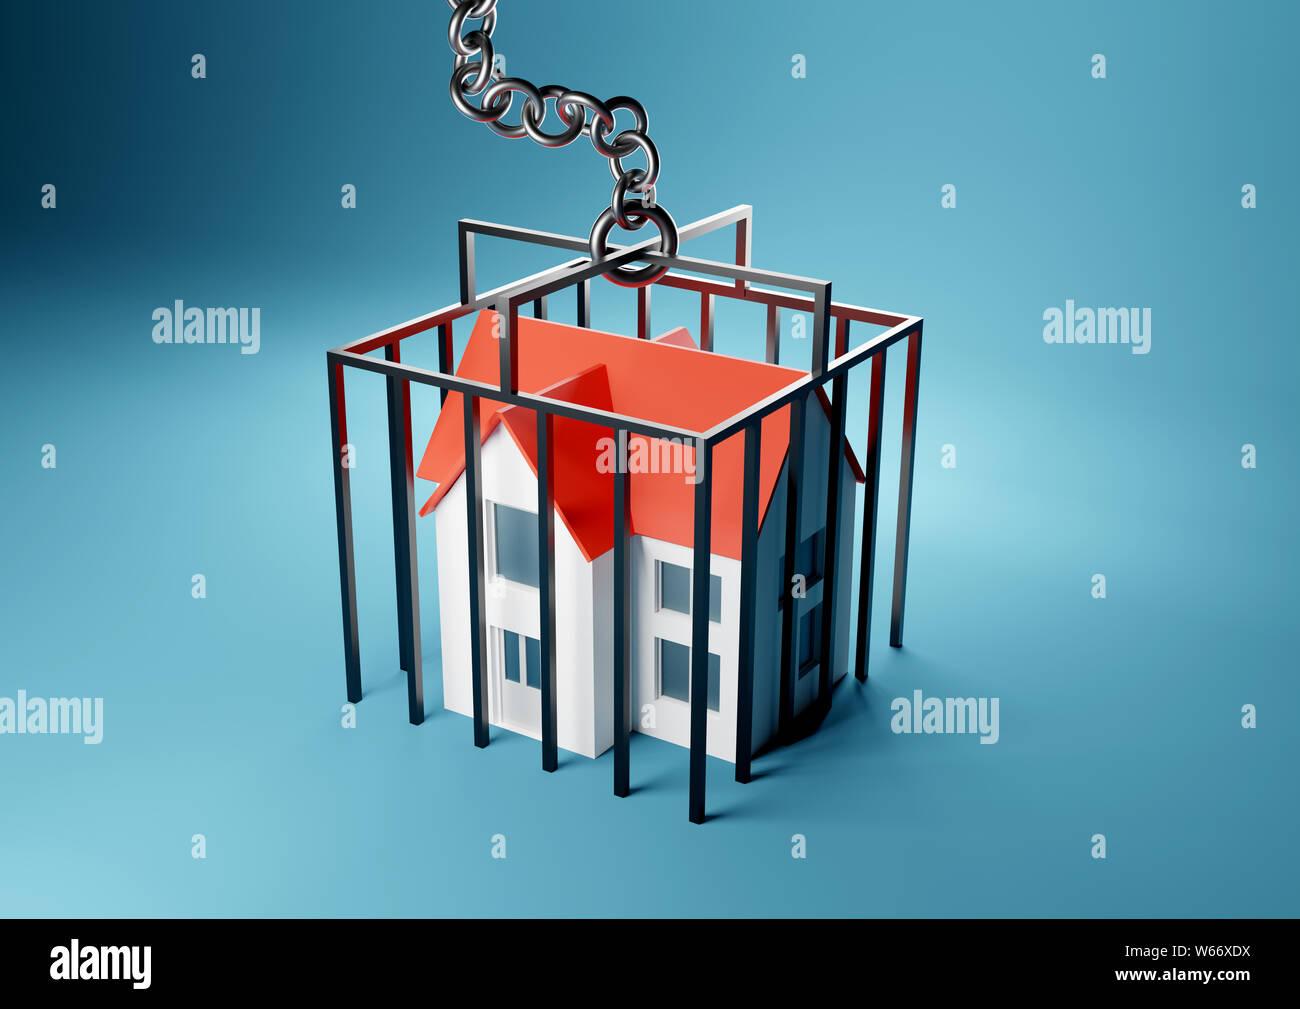 Ein Haus in einem eingesperrten Gefängnis gefangen. Hypothek, Hauseigentümer gefangen Konzept. 3D-Render Abbildung. Stockfoto